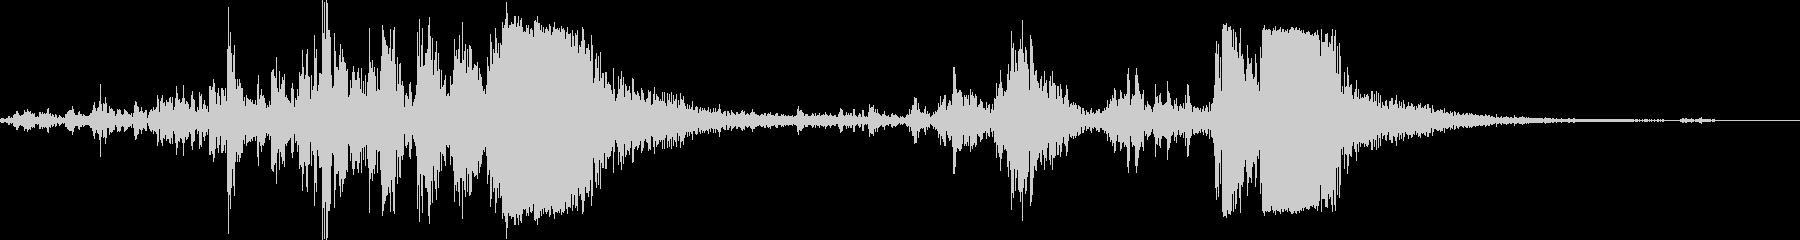 銃 機関銃リロード音 リアル系 動作音付の未再生の波形